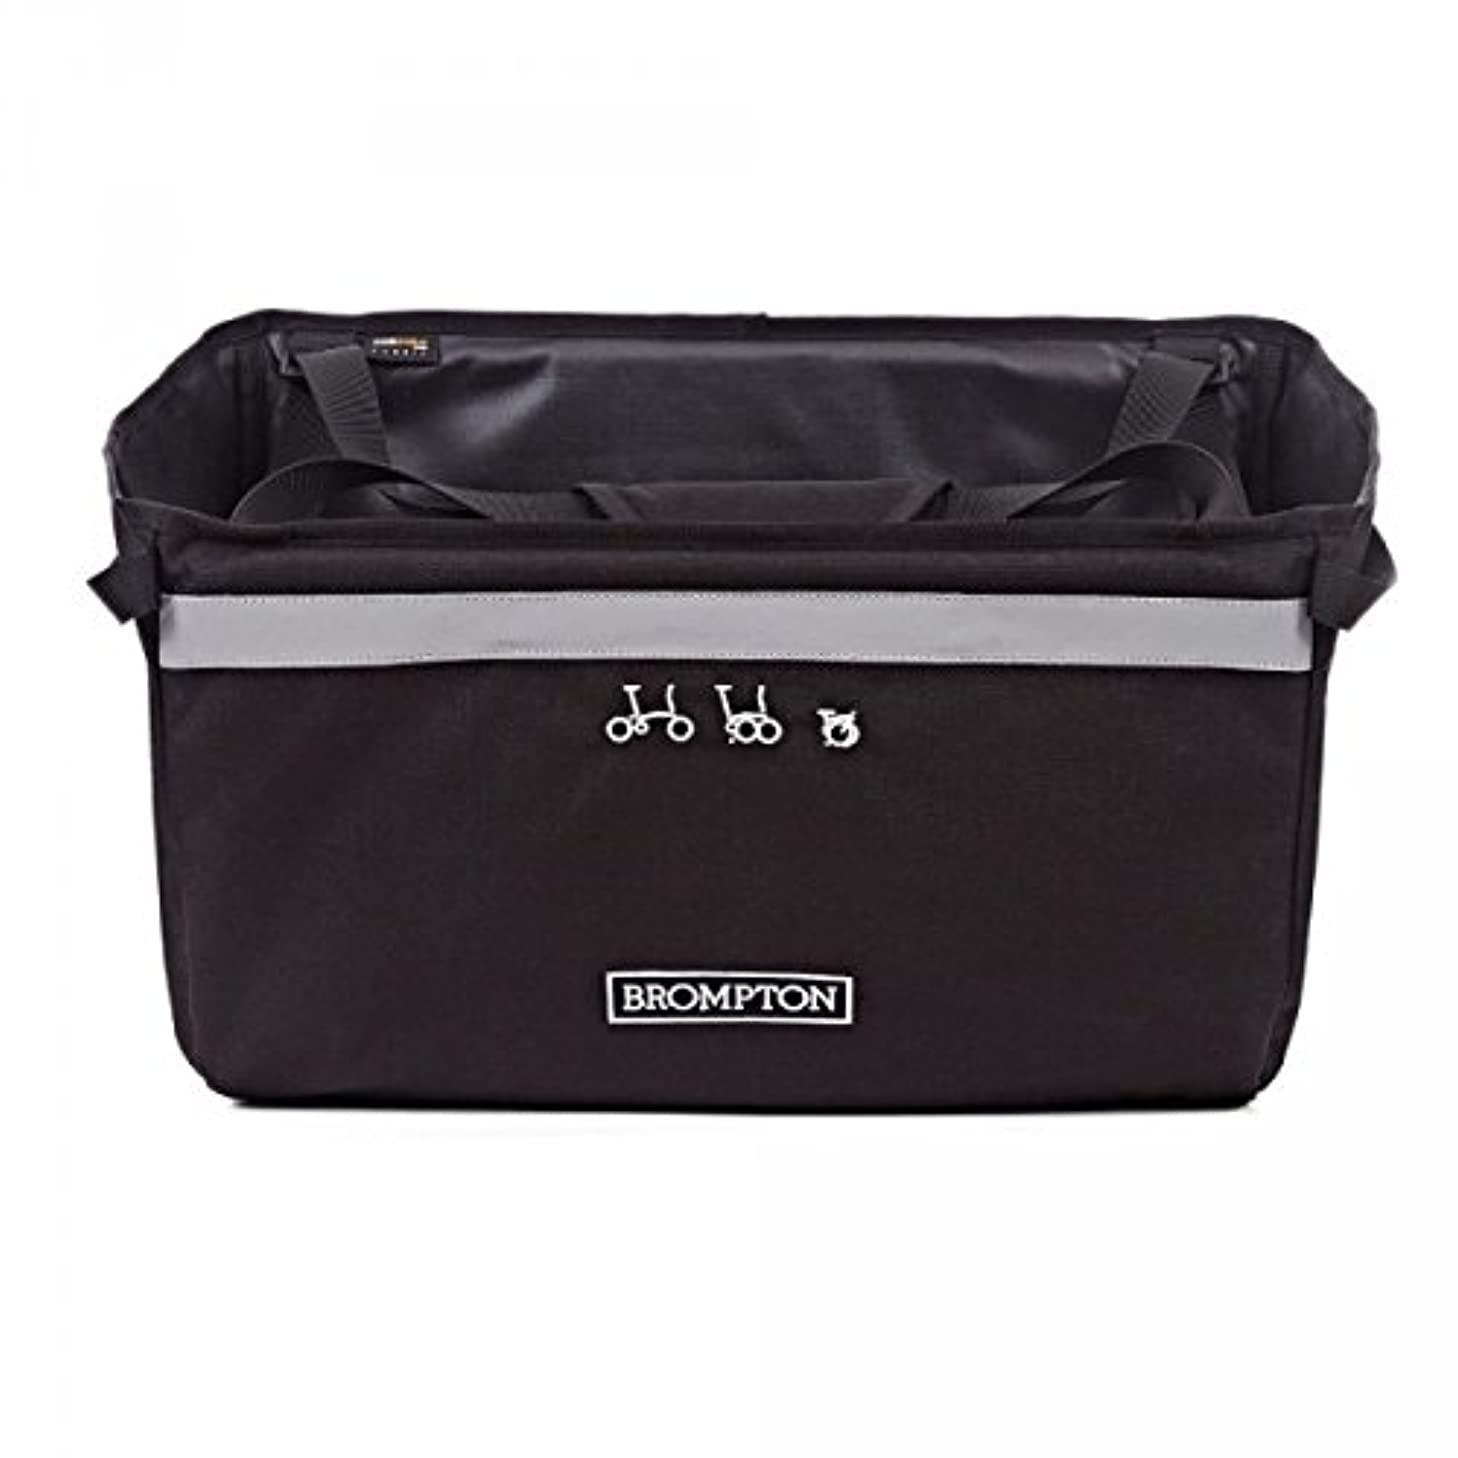 静かな聖歌トラップBrompton Basket Bag ブロンプトン バスケット バッグ 【2016発売モデル】 [並行輸入品]